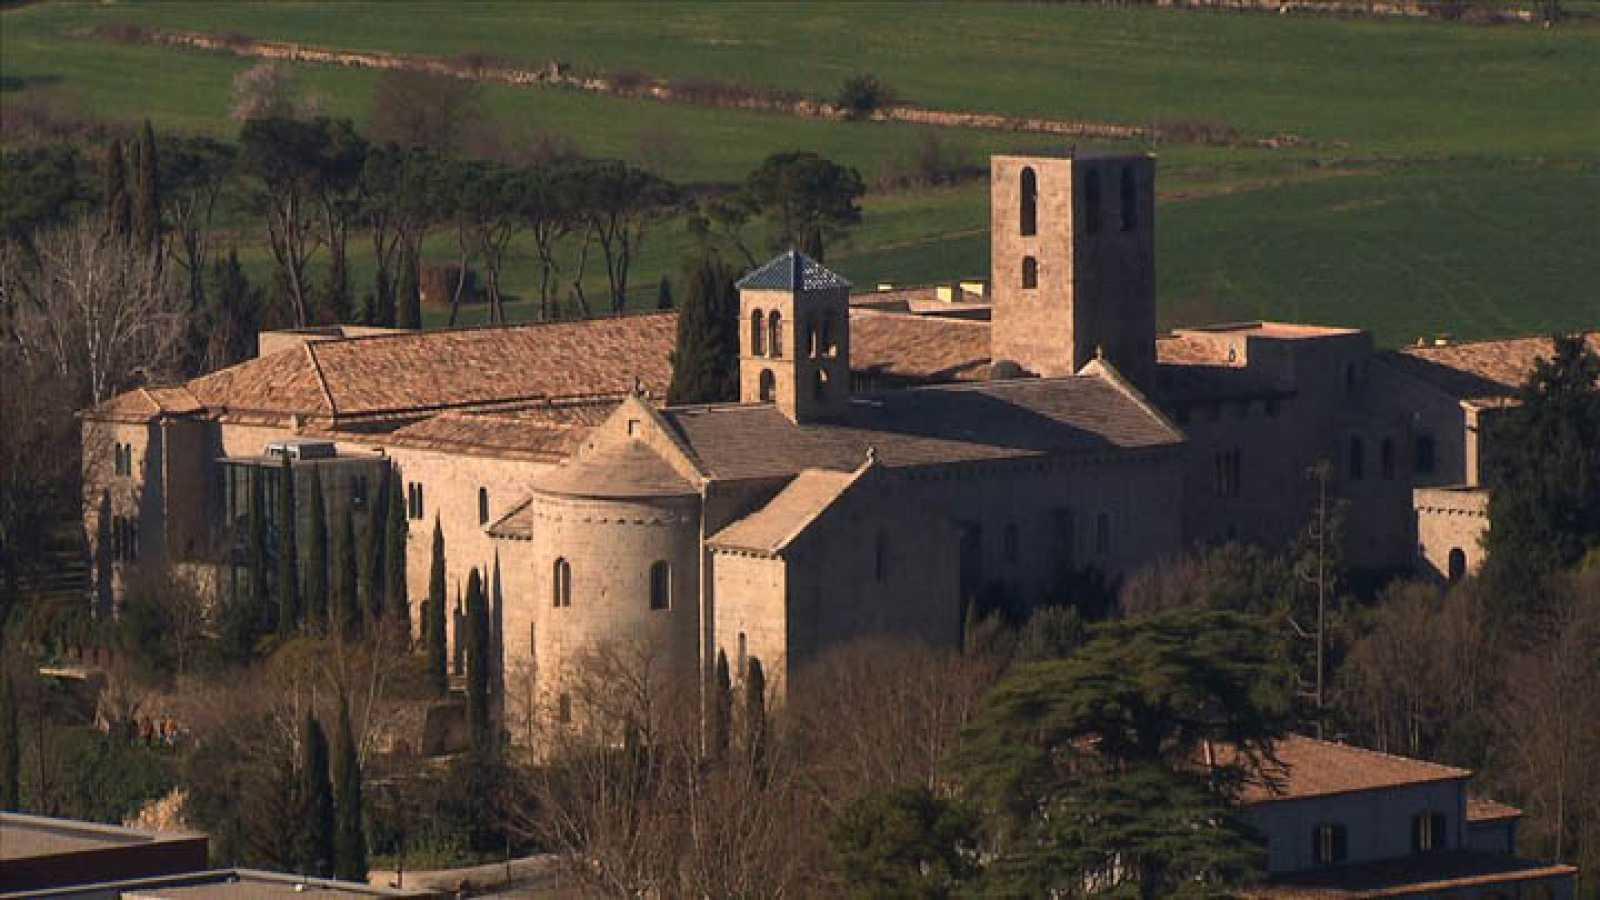 Històries de taula i llit - Món Sant Benet